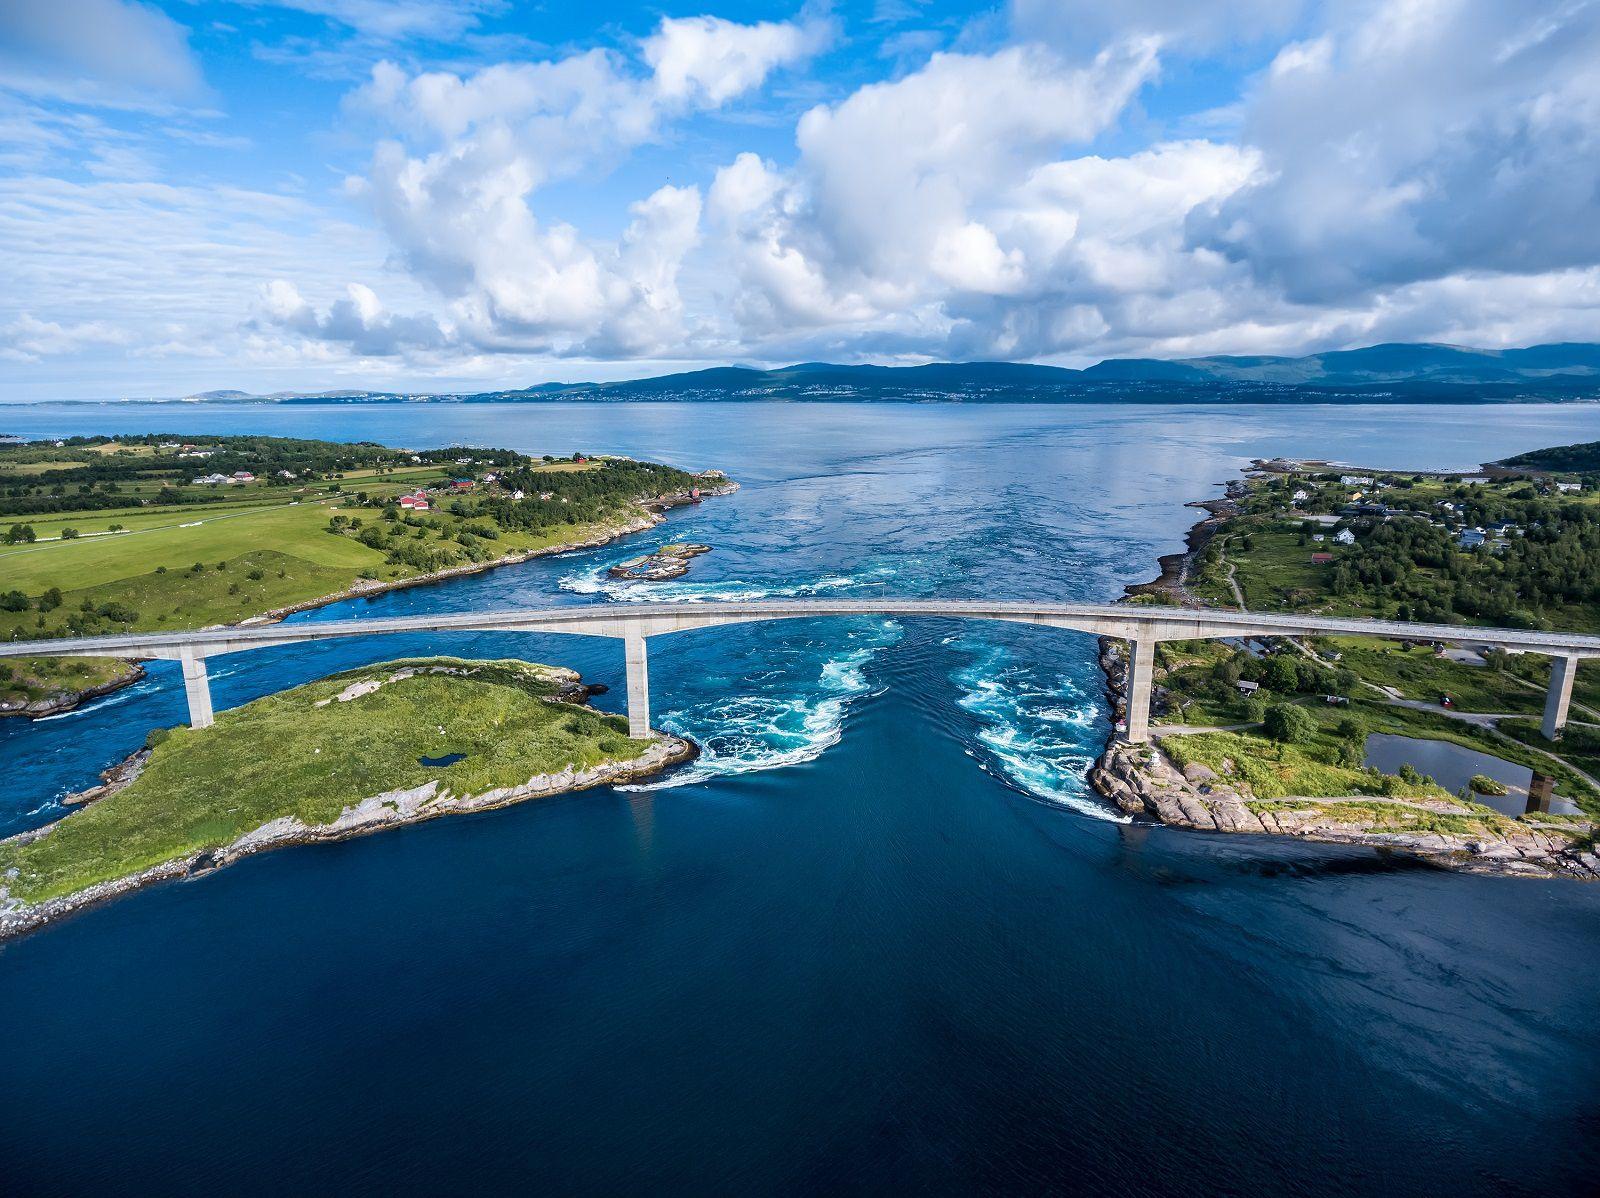 Громогласна вода: Невообичаена појава што го создава најмоќниот вртлог во светот